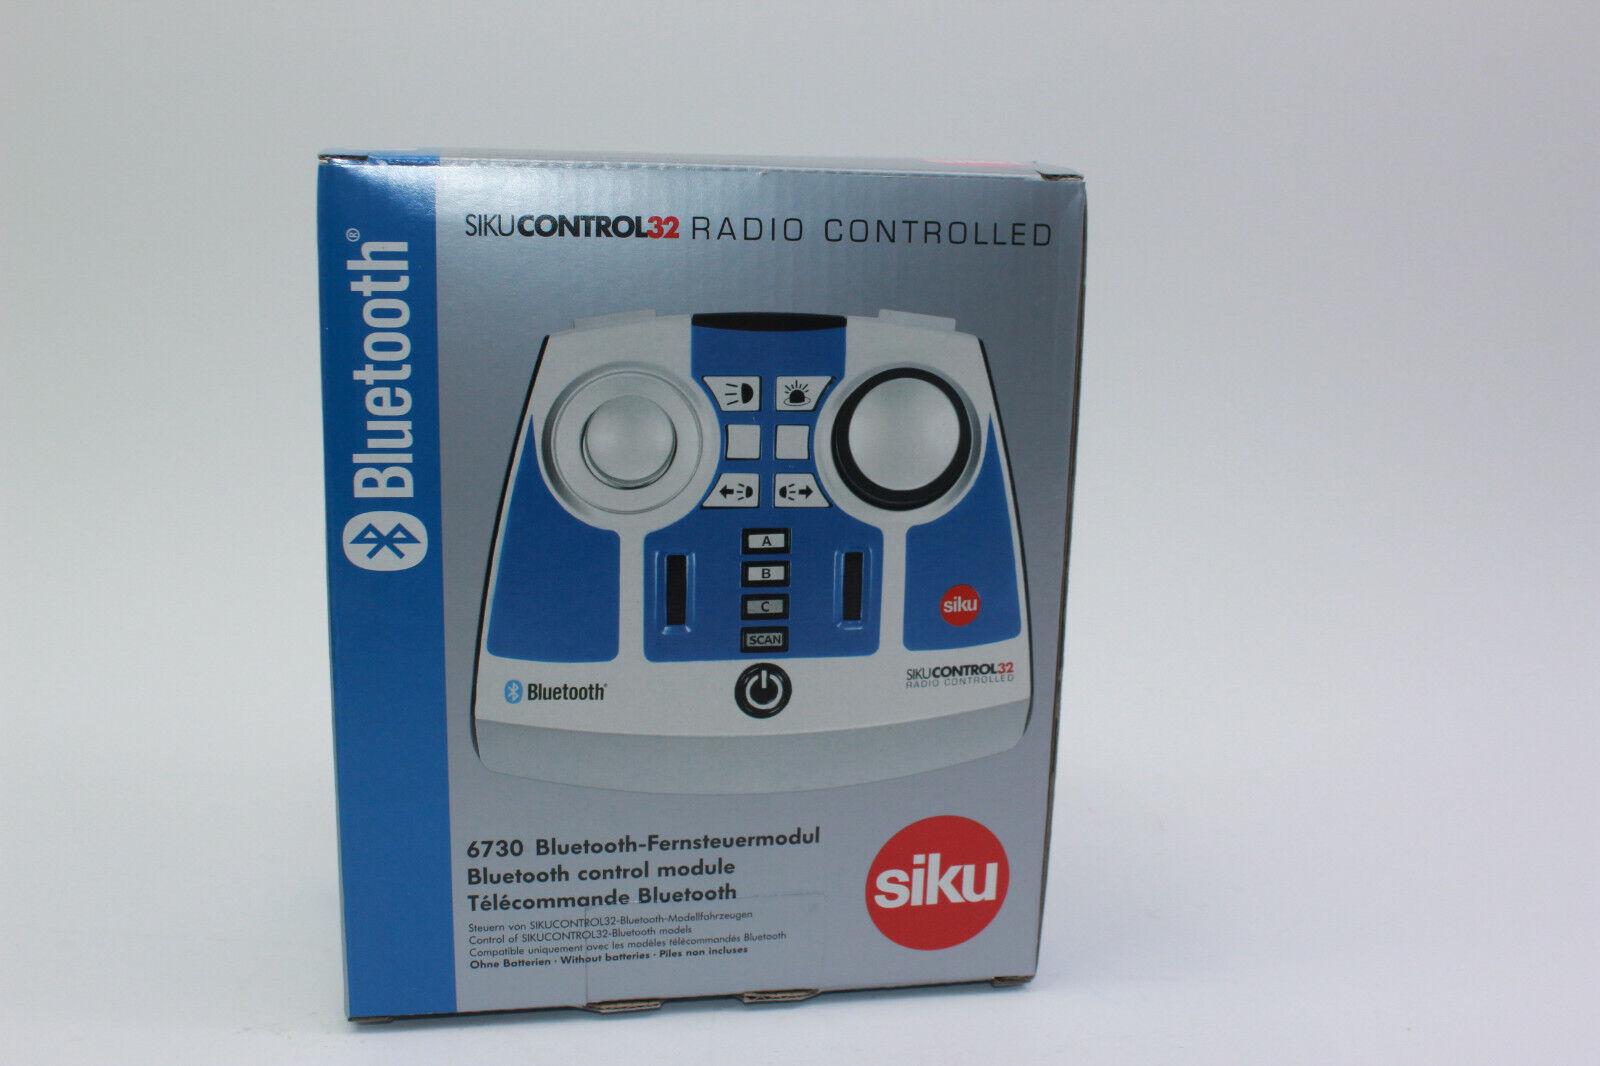 Siku 6730 bleutooth-Fernsteuermodul 1 3 2 Nouvelles en Emballage D'Origine